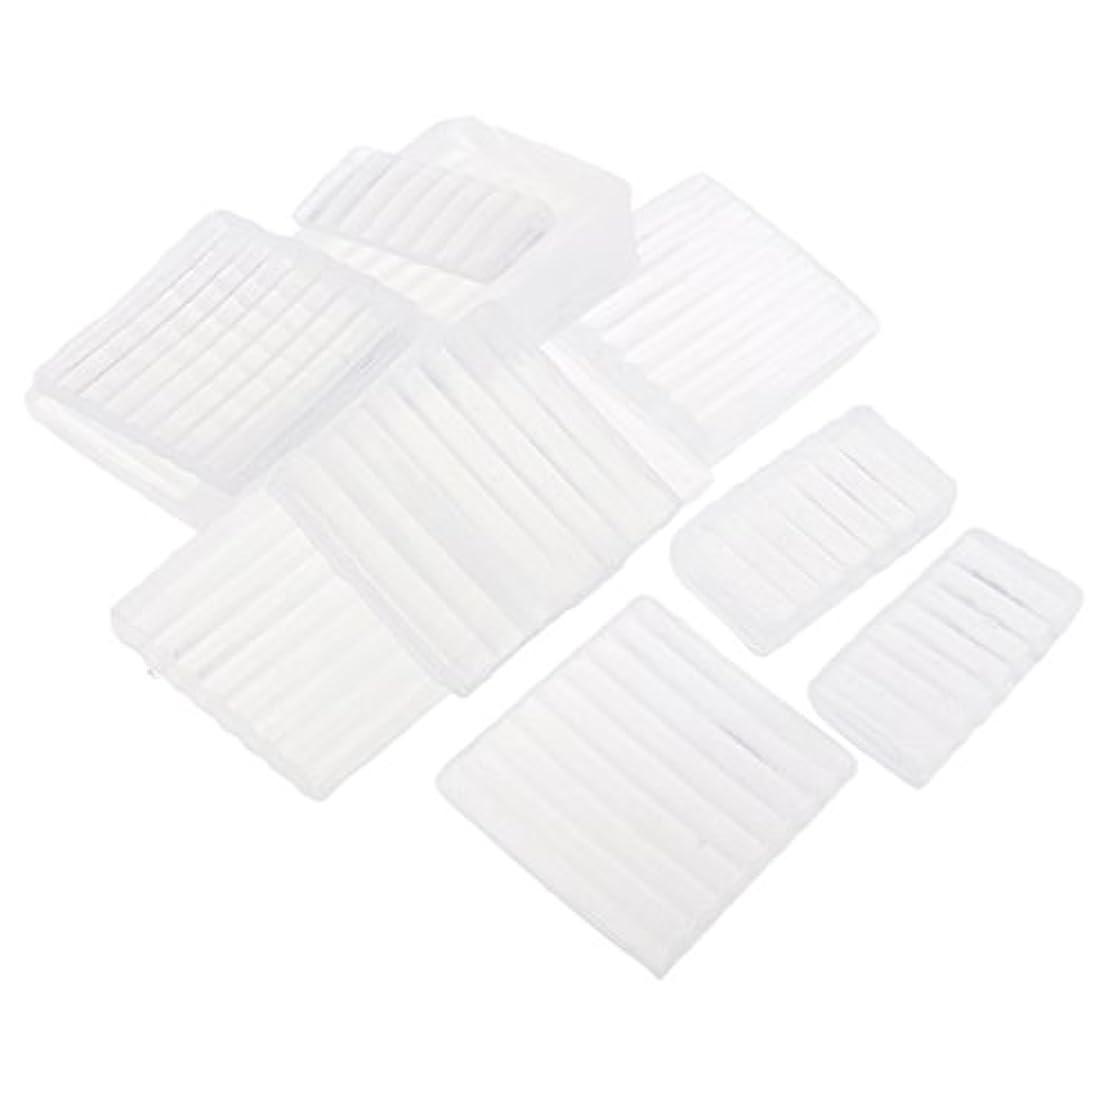 タウポ湖審判労働Fenteer ホワイト 透明 石鹸ベース DIY 手作り 石鹸 材料 約500g